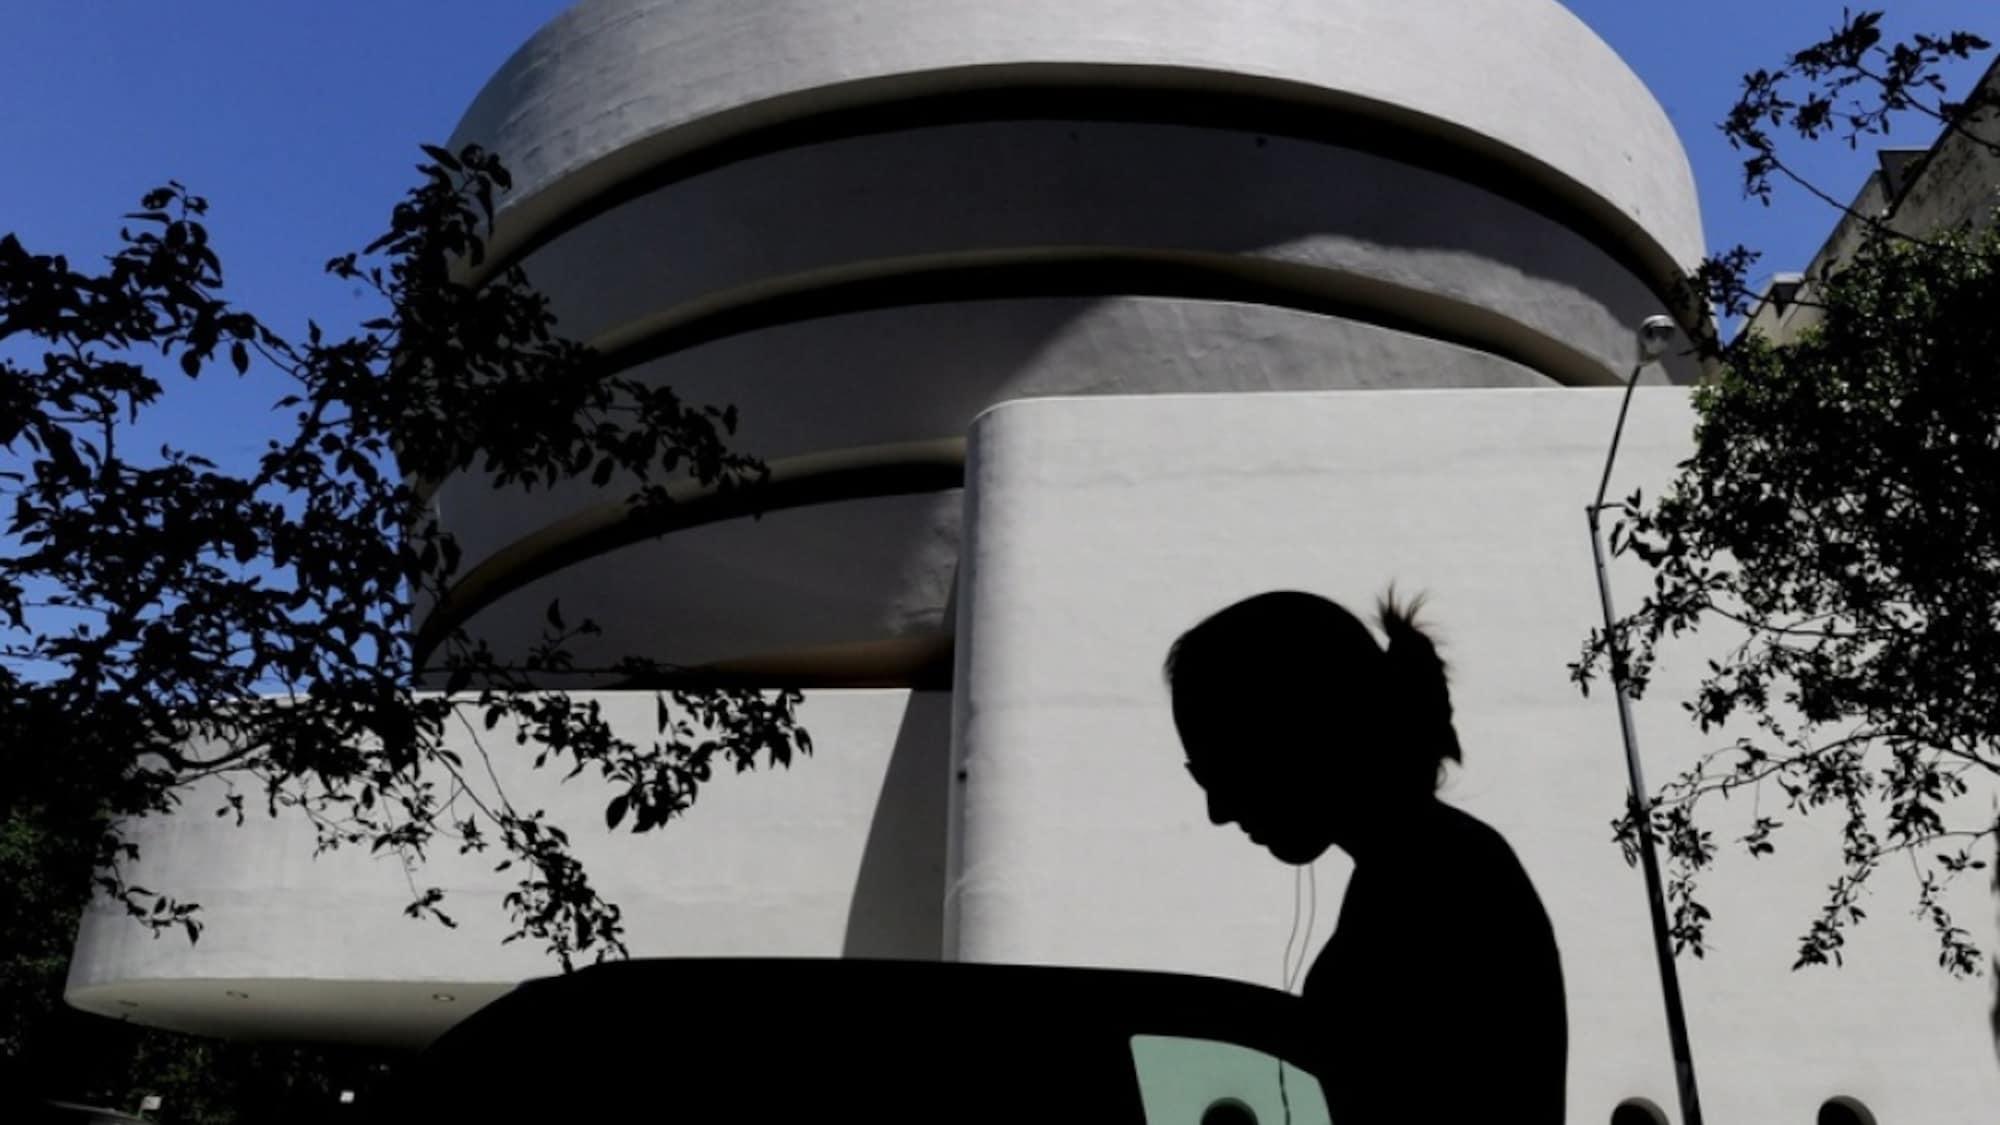 60. Jubiläum: So feiert das Guggenheim Museum in New York seinen Geburtstag